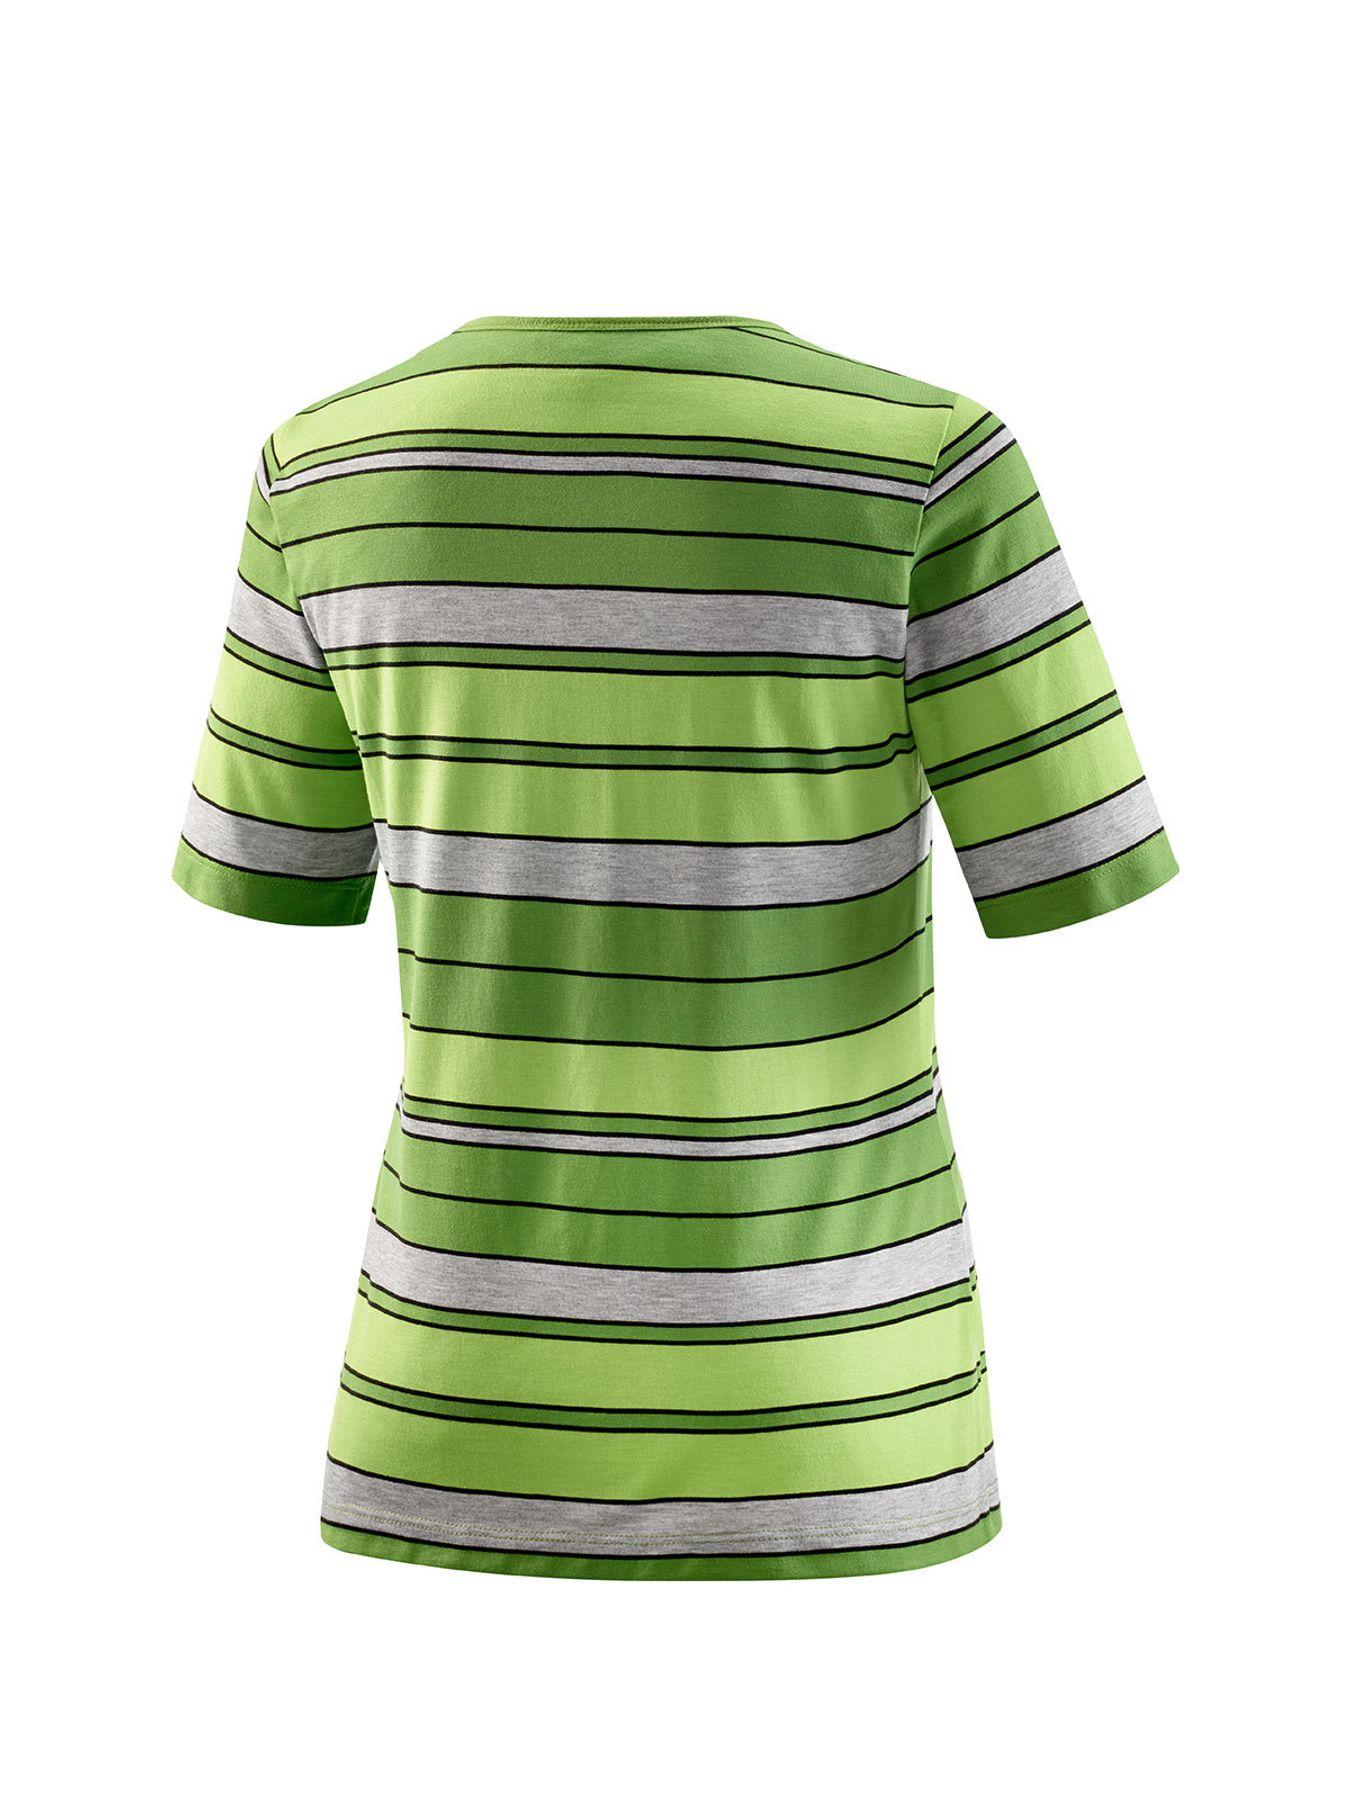 Joy - Damen Sport und Freizeit Shirt im Streifenmuster, Witta (30191) – Bild 4